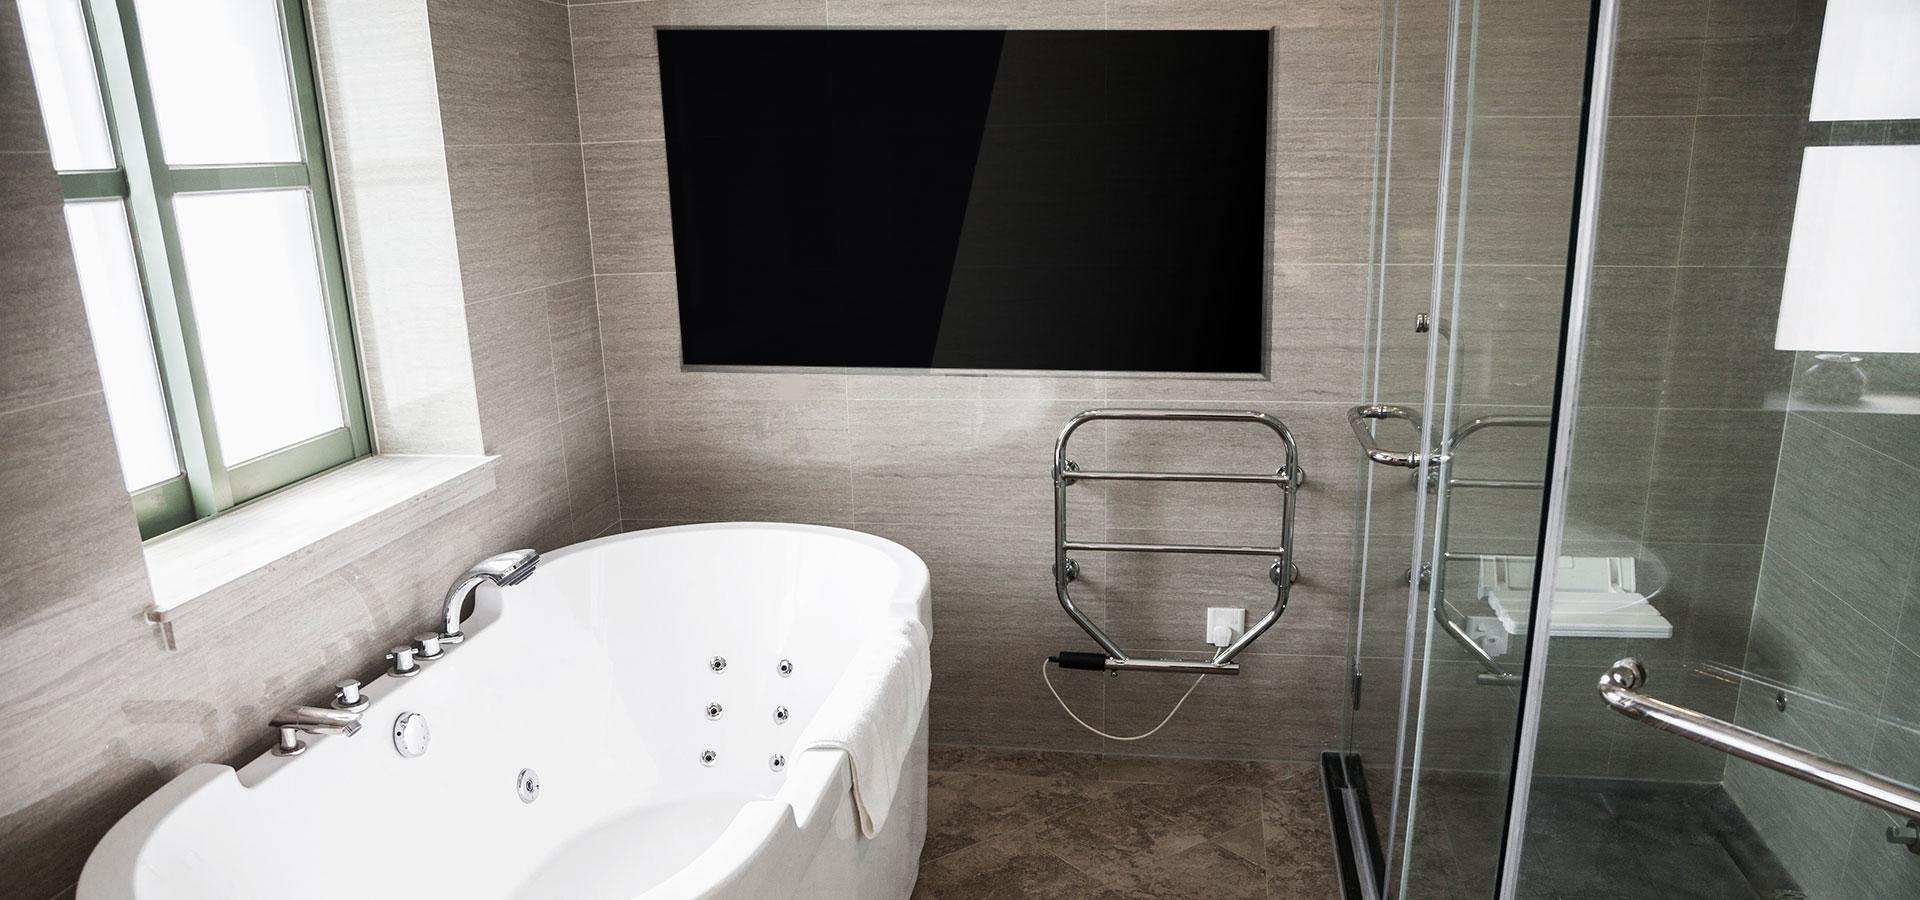 Se på TV – mens du dusjer